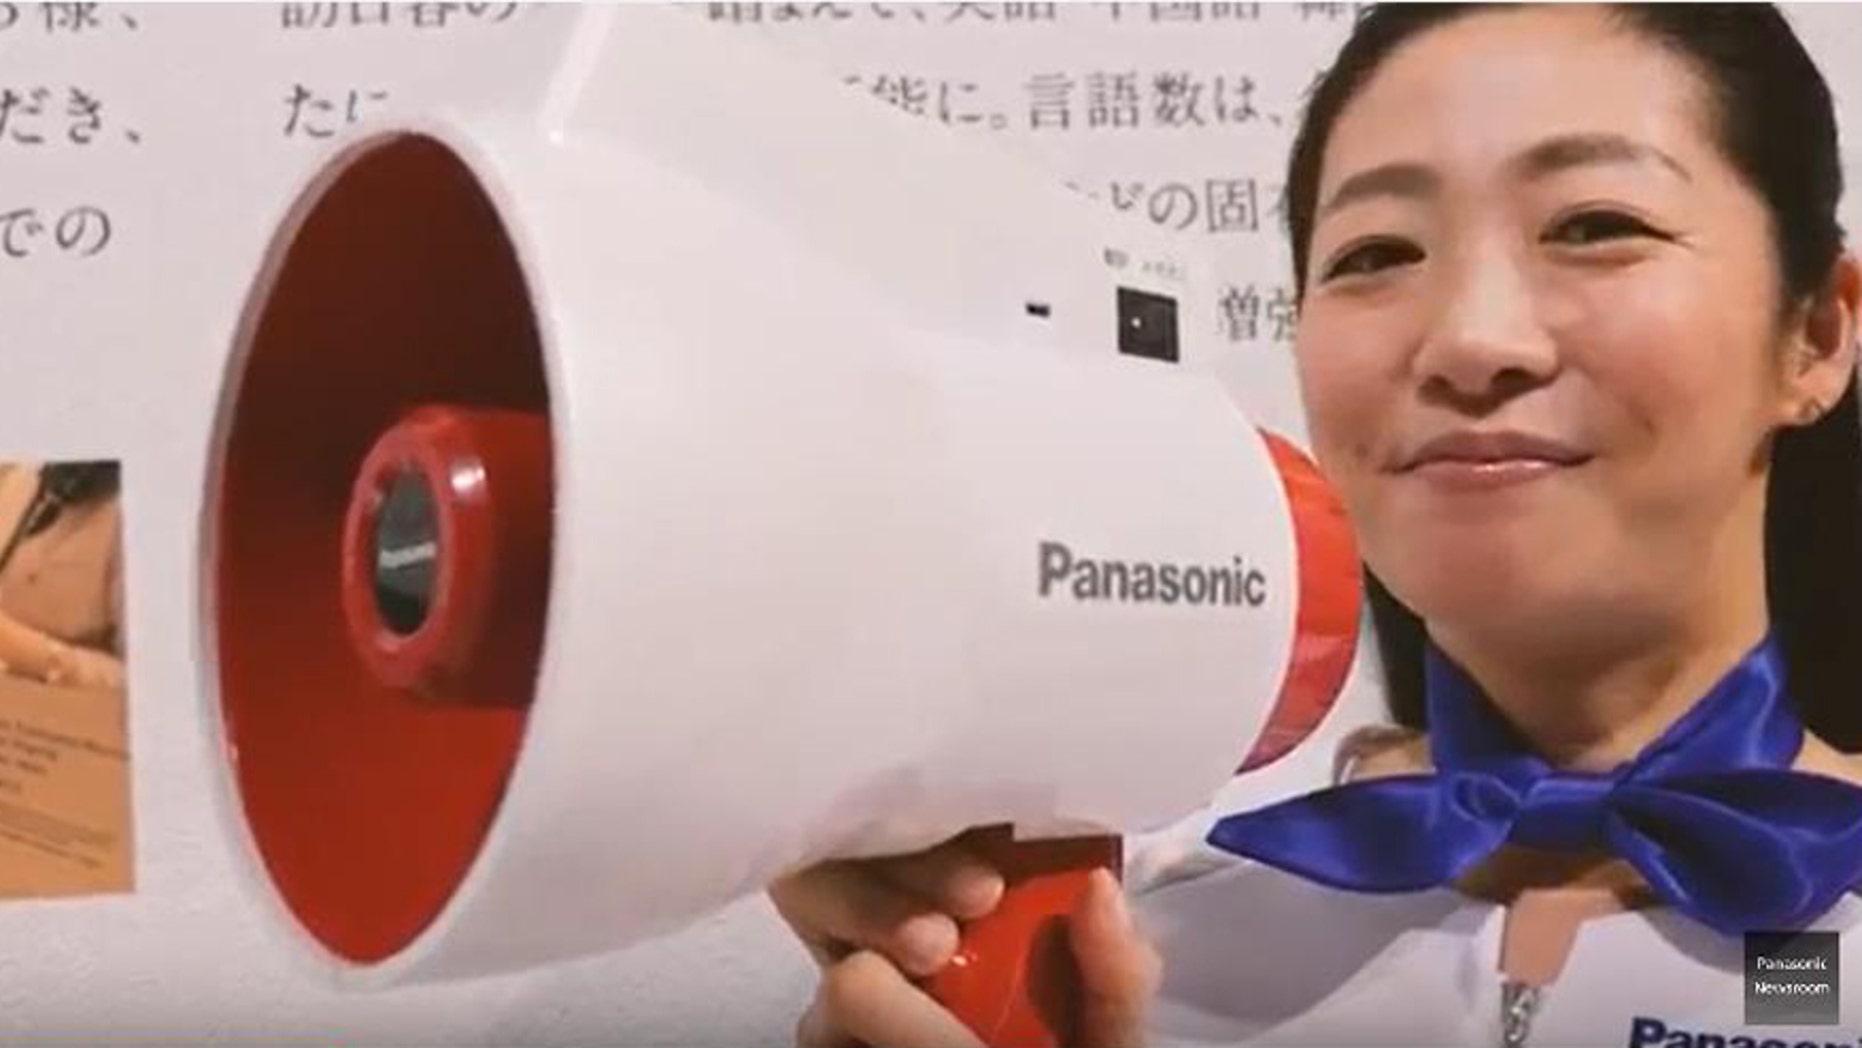 (Screenshot from Panasonic YouTube video)